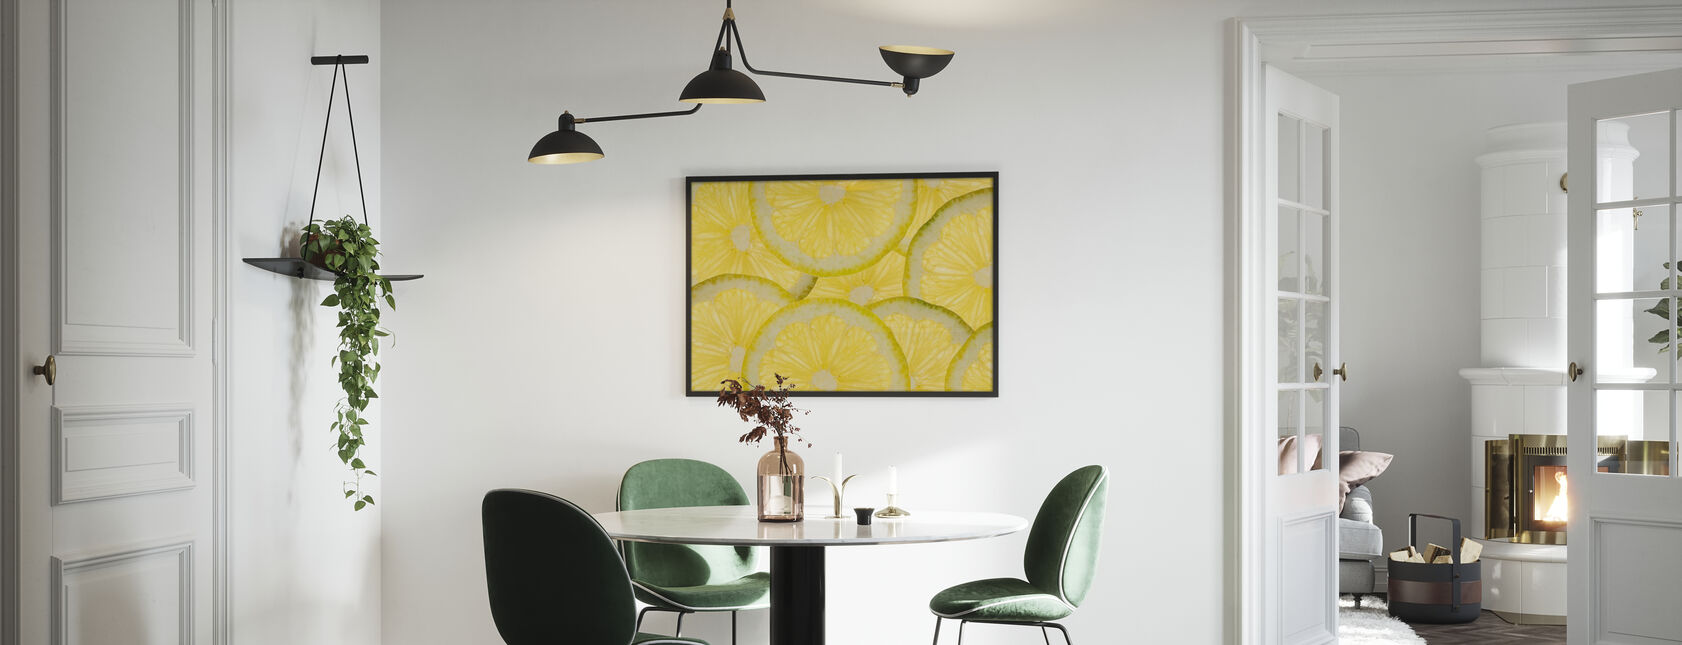 Sliced Lemons - Framed print - Kitchen